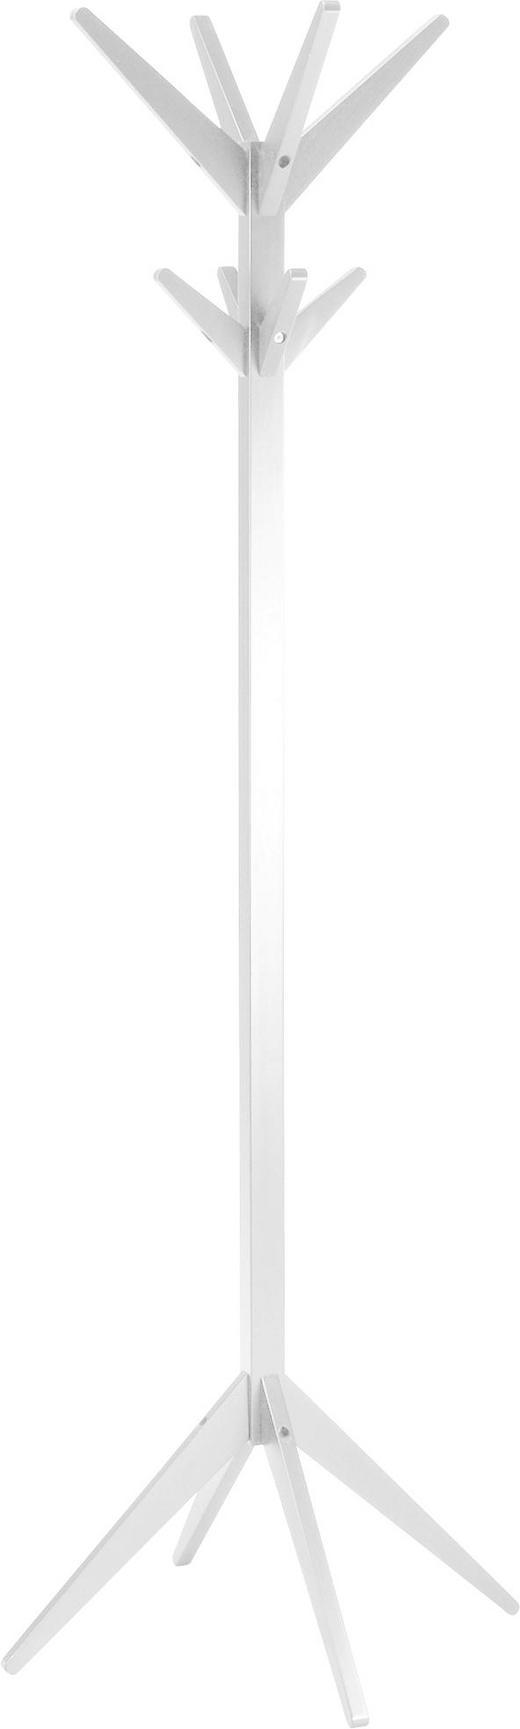 KLEIDERSTÄNDER 45/178/45 cm - Weiß, Trend, Holz (45/178/45cm) - Carryhome